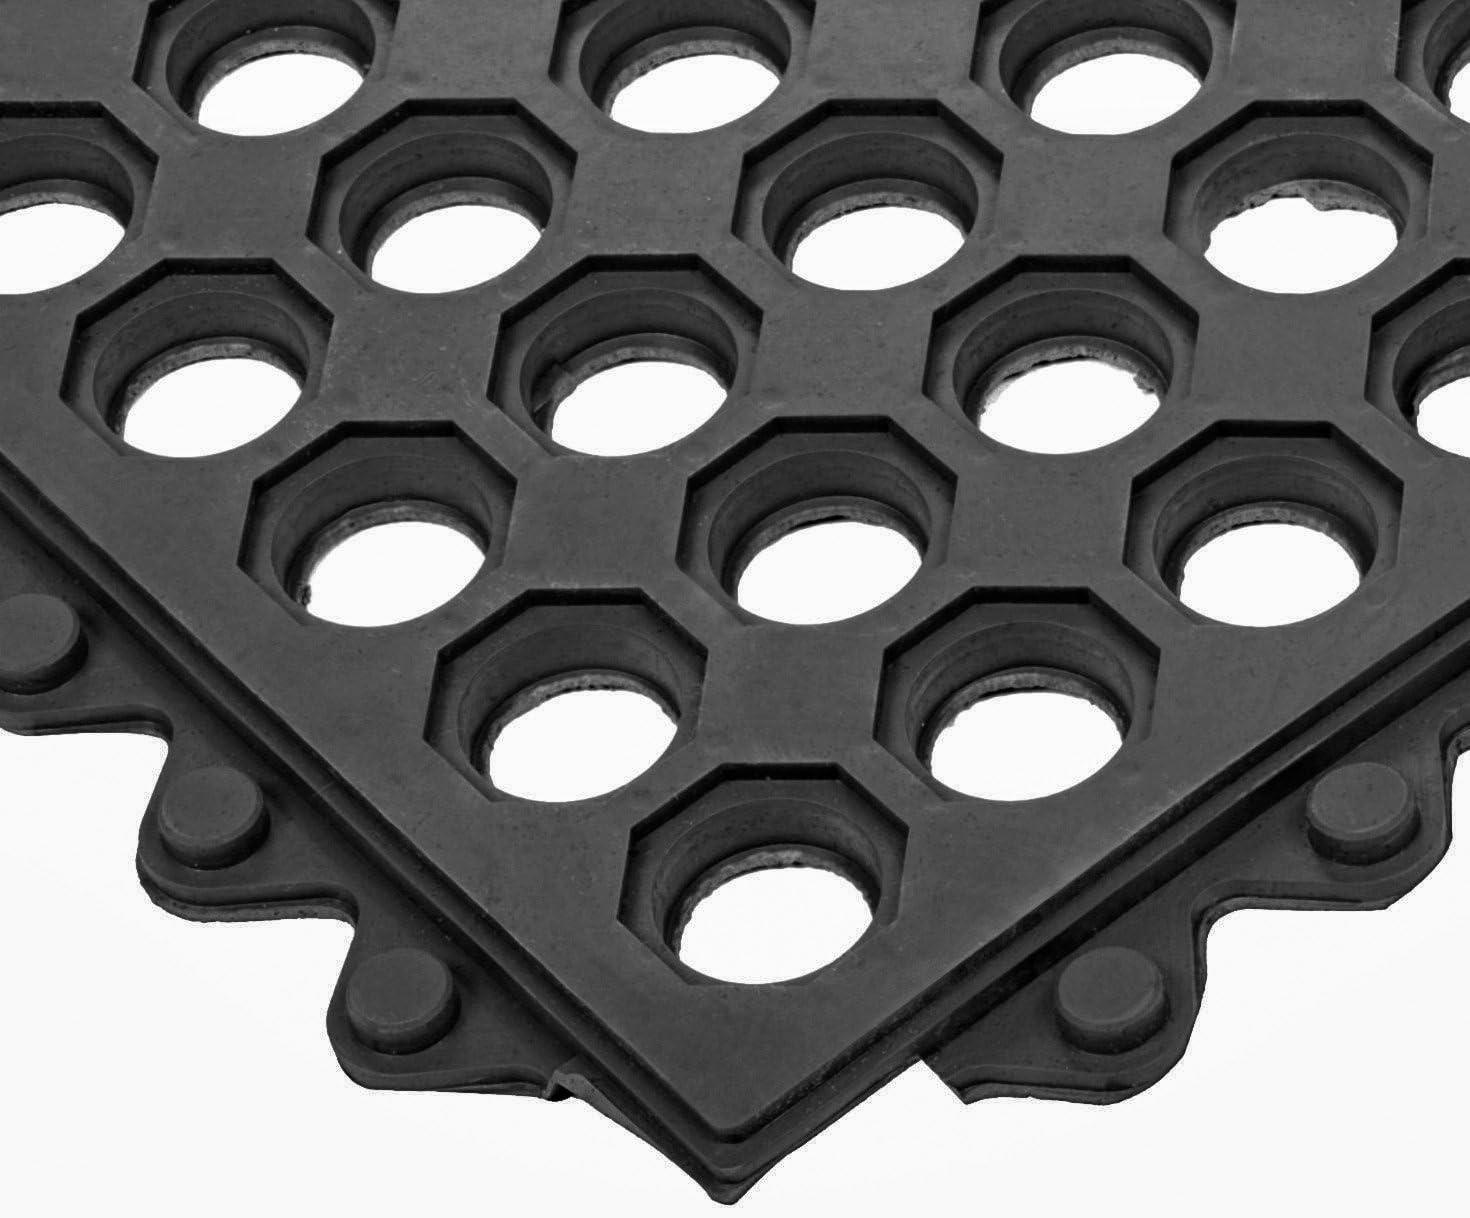 Electriduct supreme Interlocking Rubber Ring Safety Price reduction Anti-Sl 3x3 Mat FT -